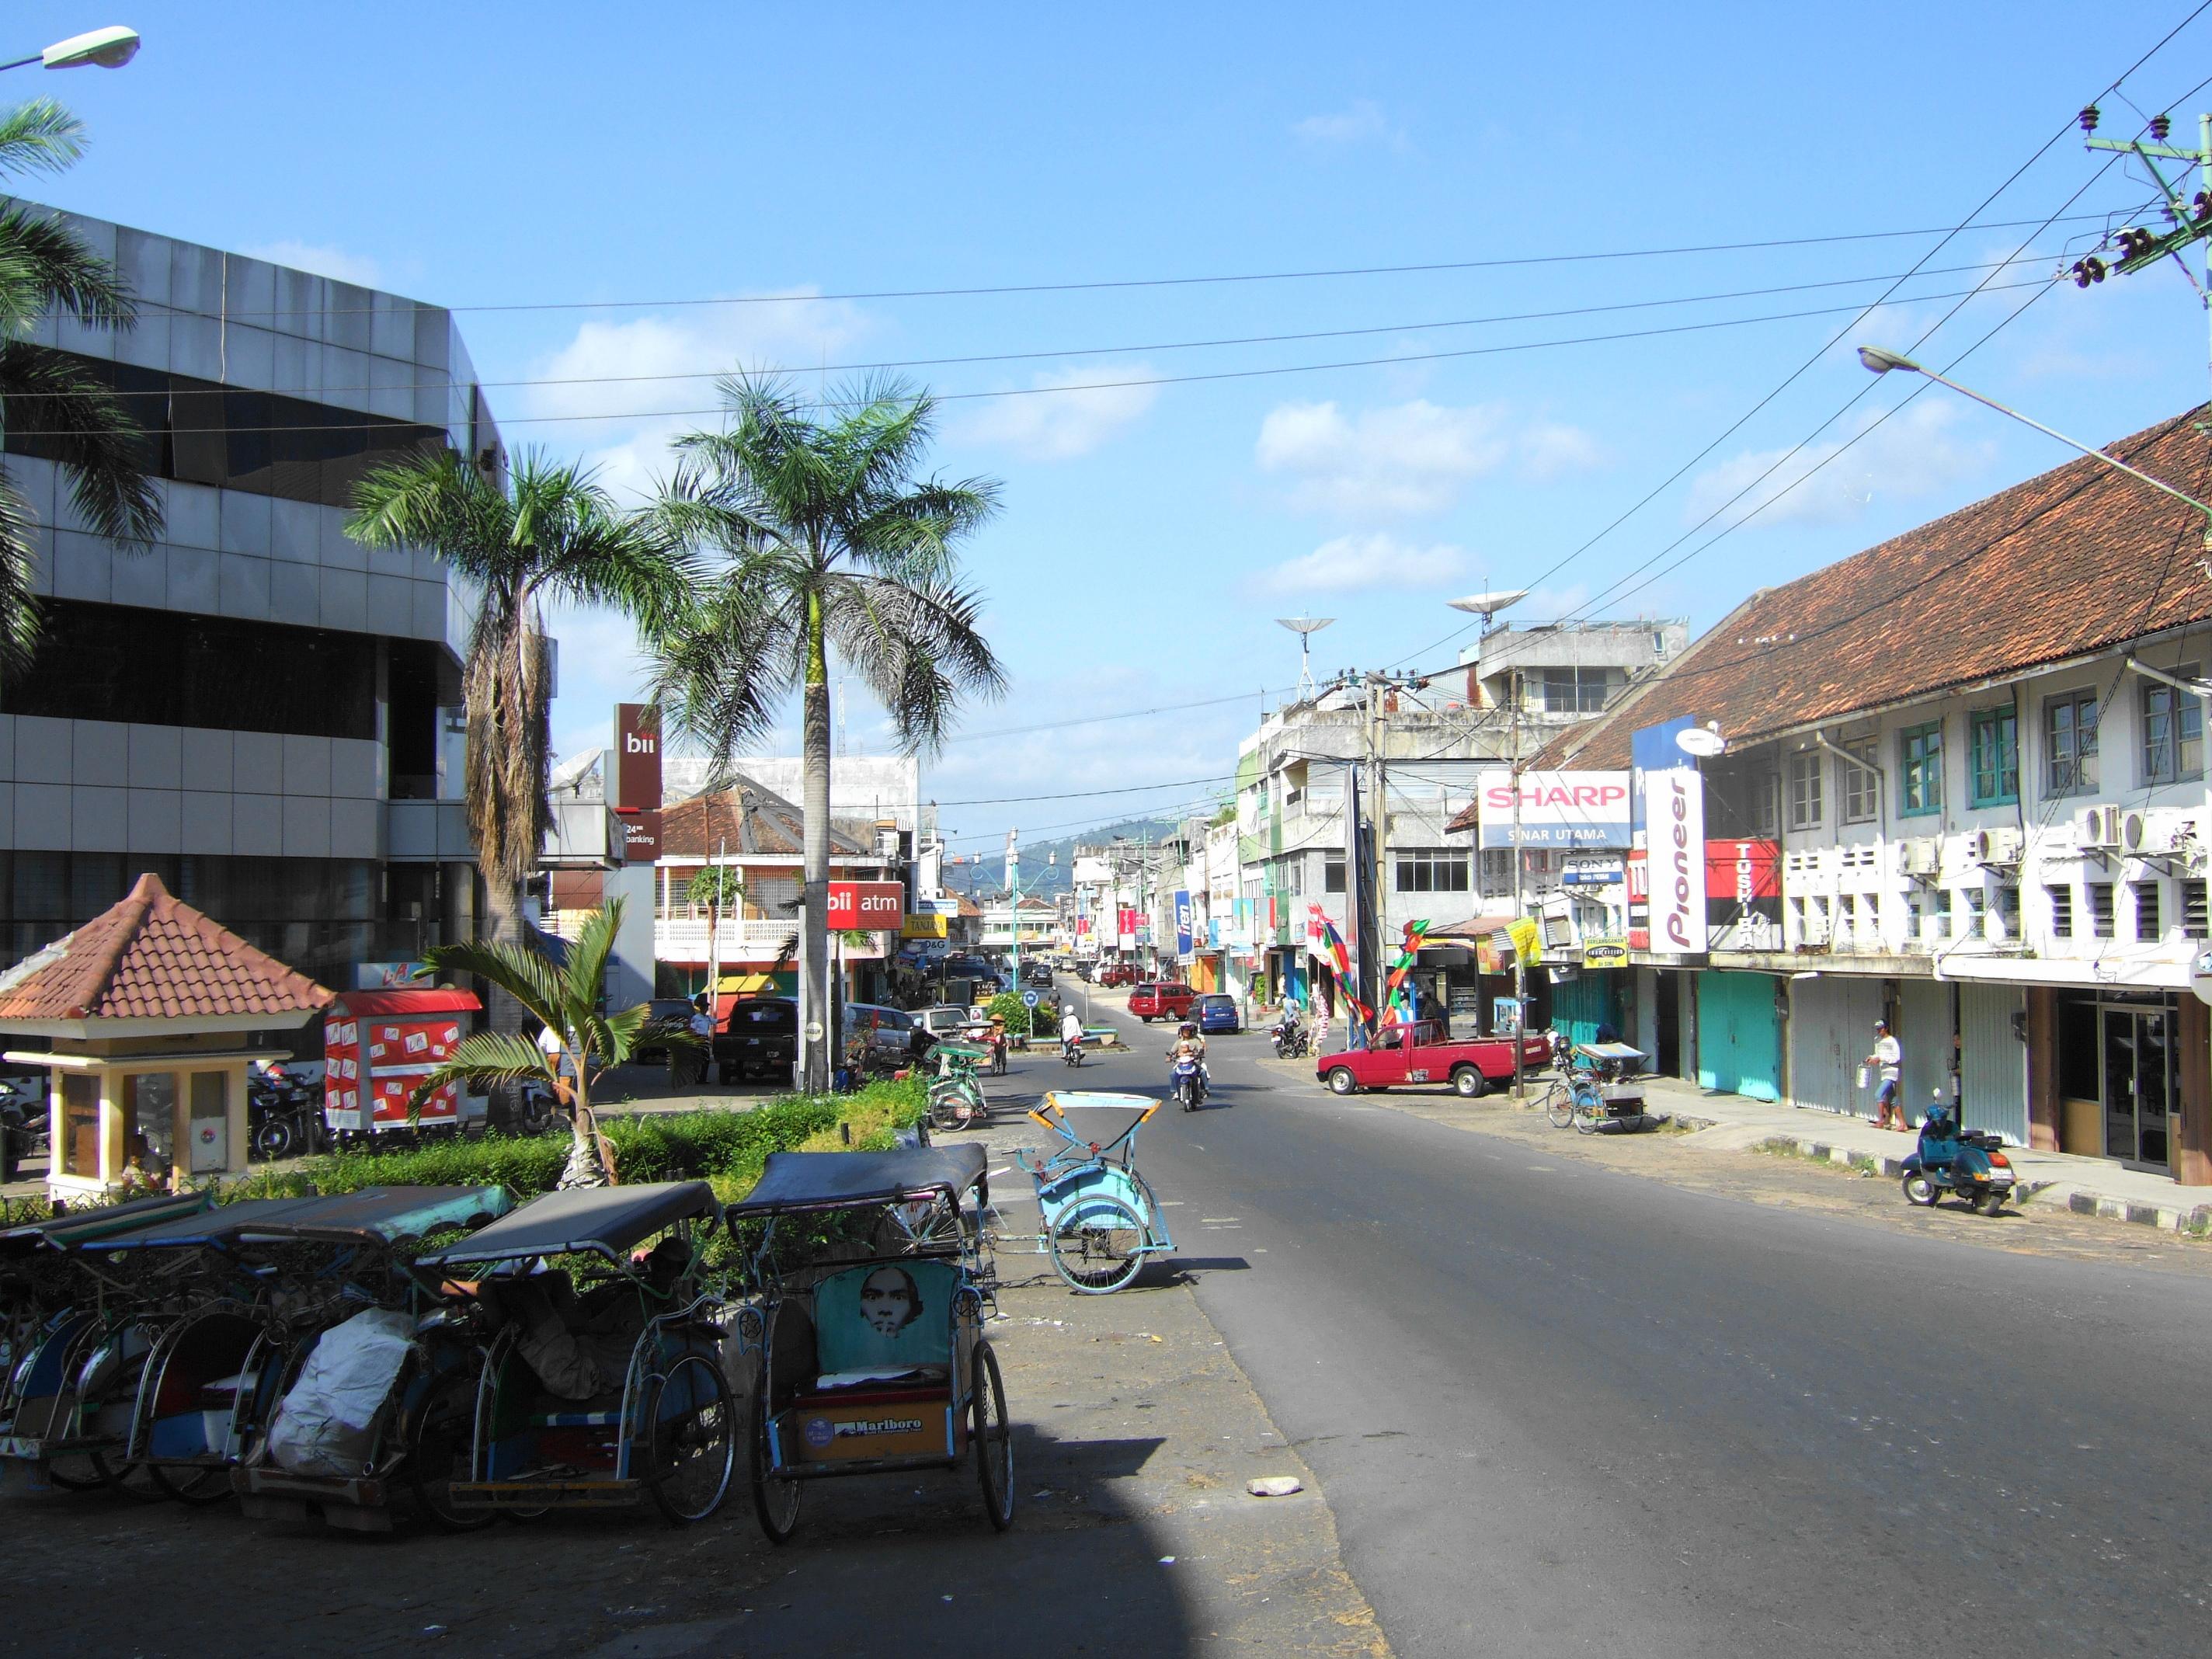 bandar lampung chat sites Bandar lampung: bandar lampung, kota (city), capital of lampung propinsi (or provinsi province), indonesia it lies at the head of lampung bay on the south coast of the island of sumatra.